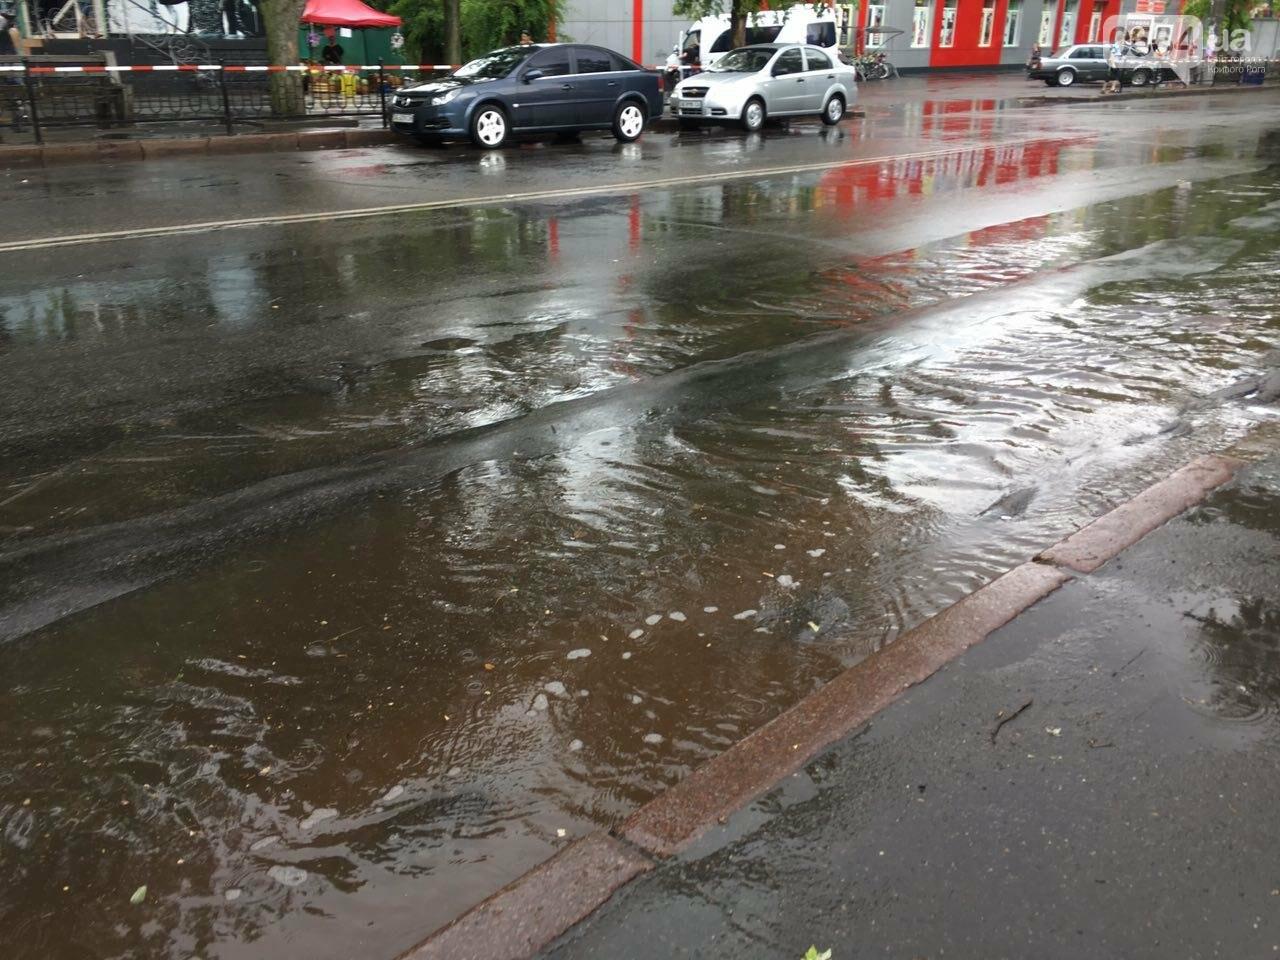 Маршрут дождя: В Кривом Роге в одних районах льет ливень, в других ярко светит солнце, - ФОТО, фото-16